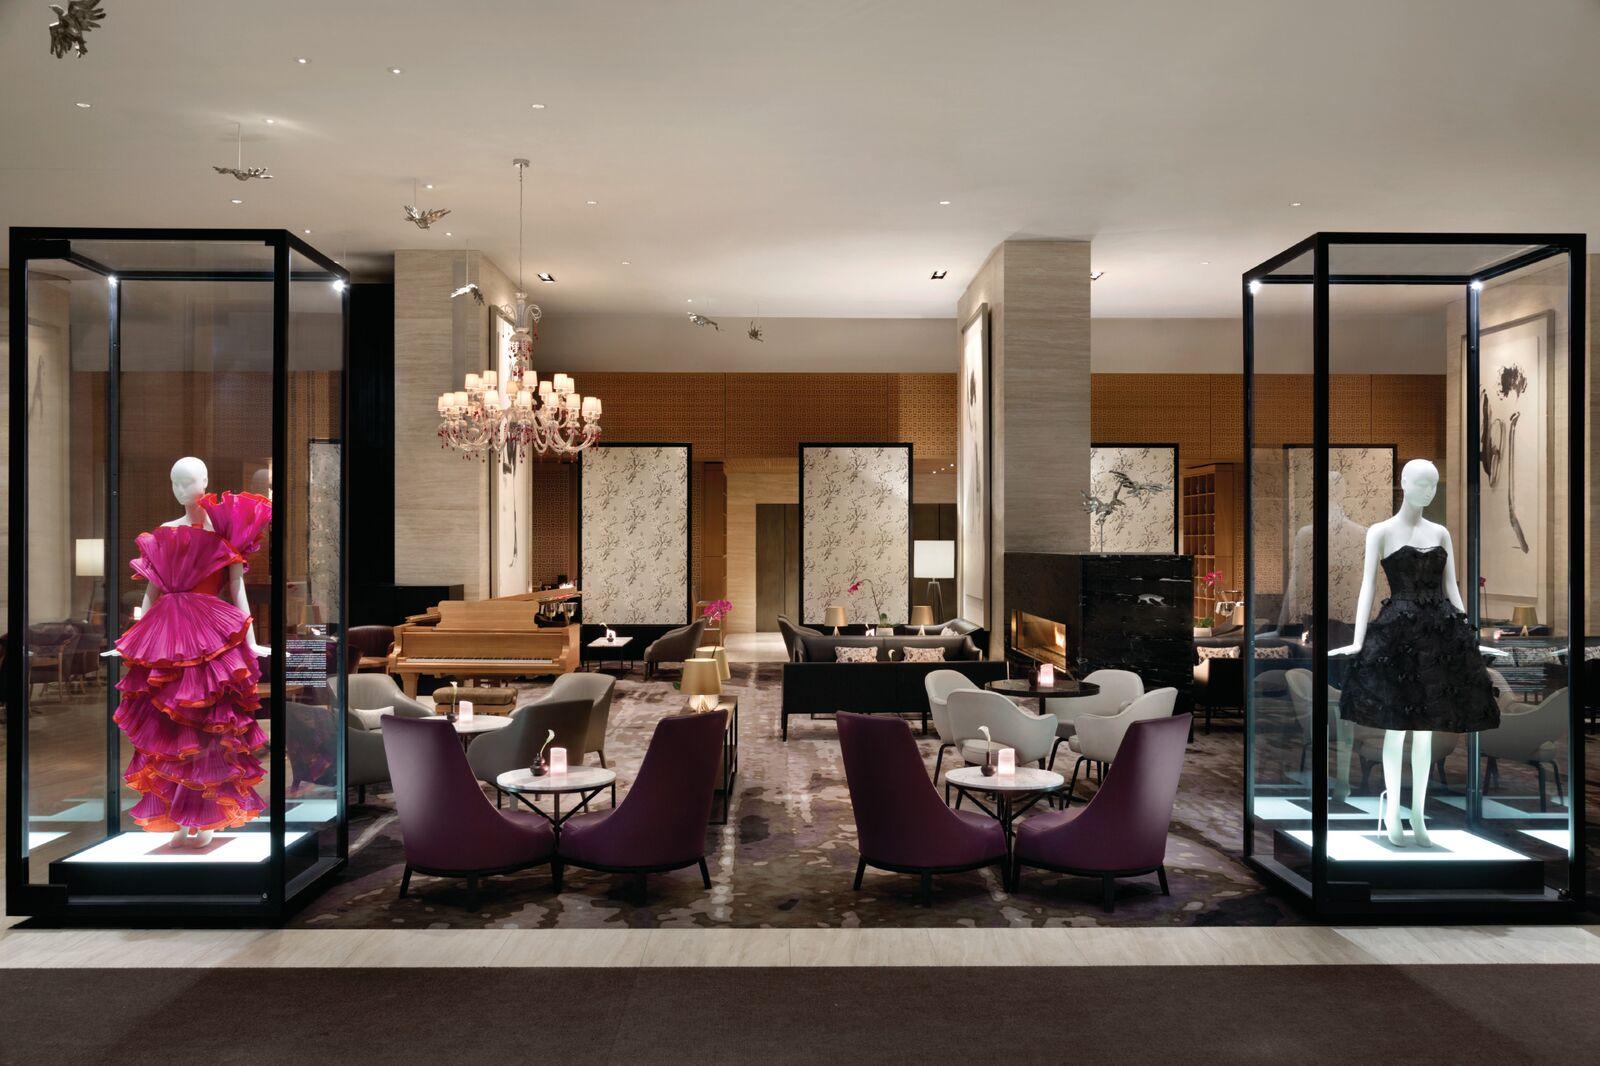 Shangri-La Hotel Toronto - Lobby - 1194336_preview.jpeg